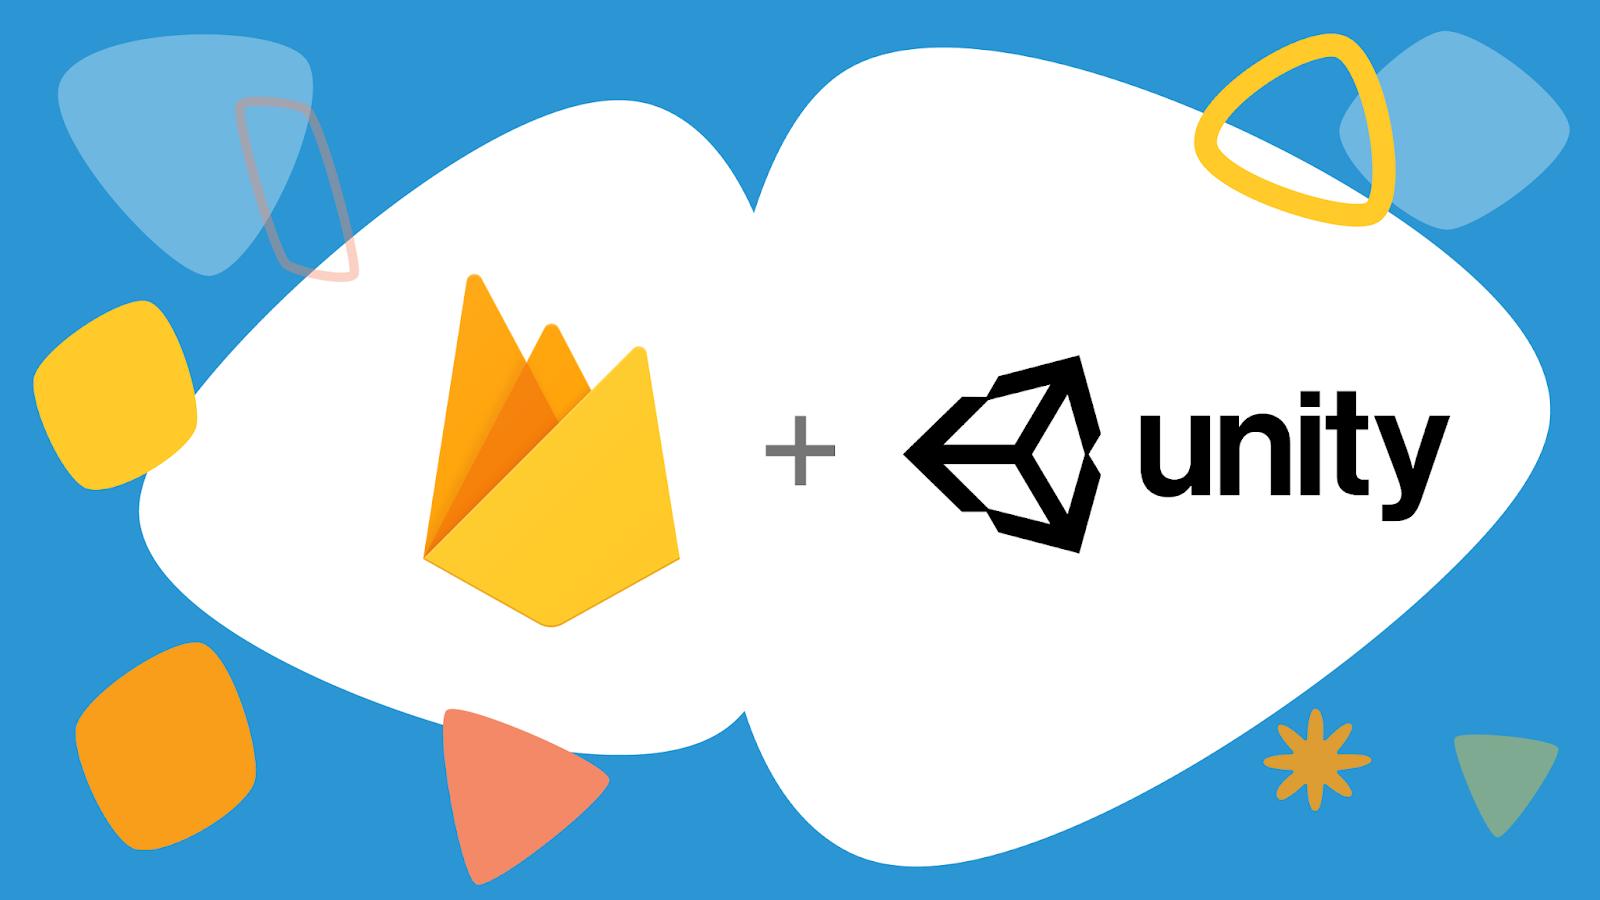 Imagem do Firebase mais Unity